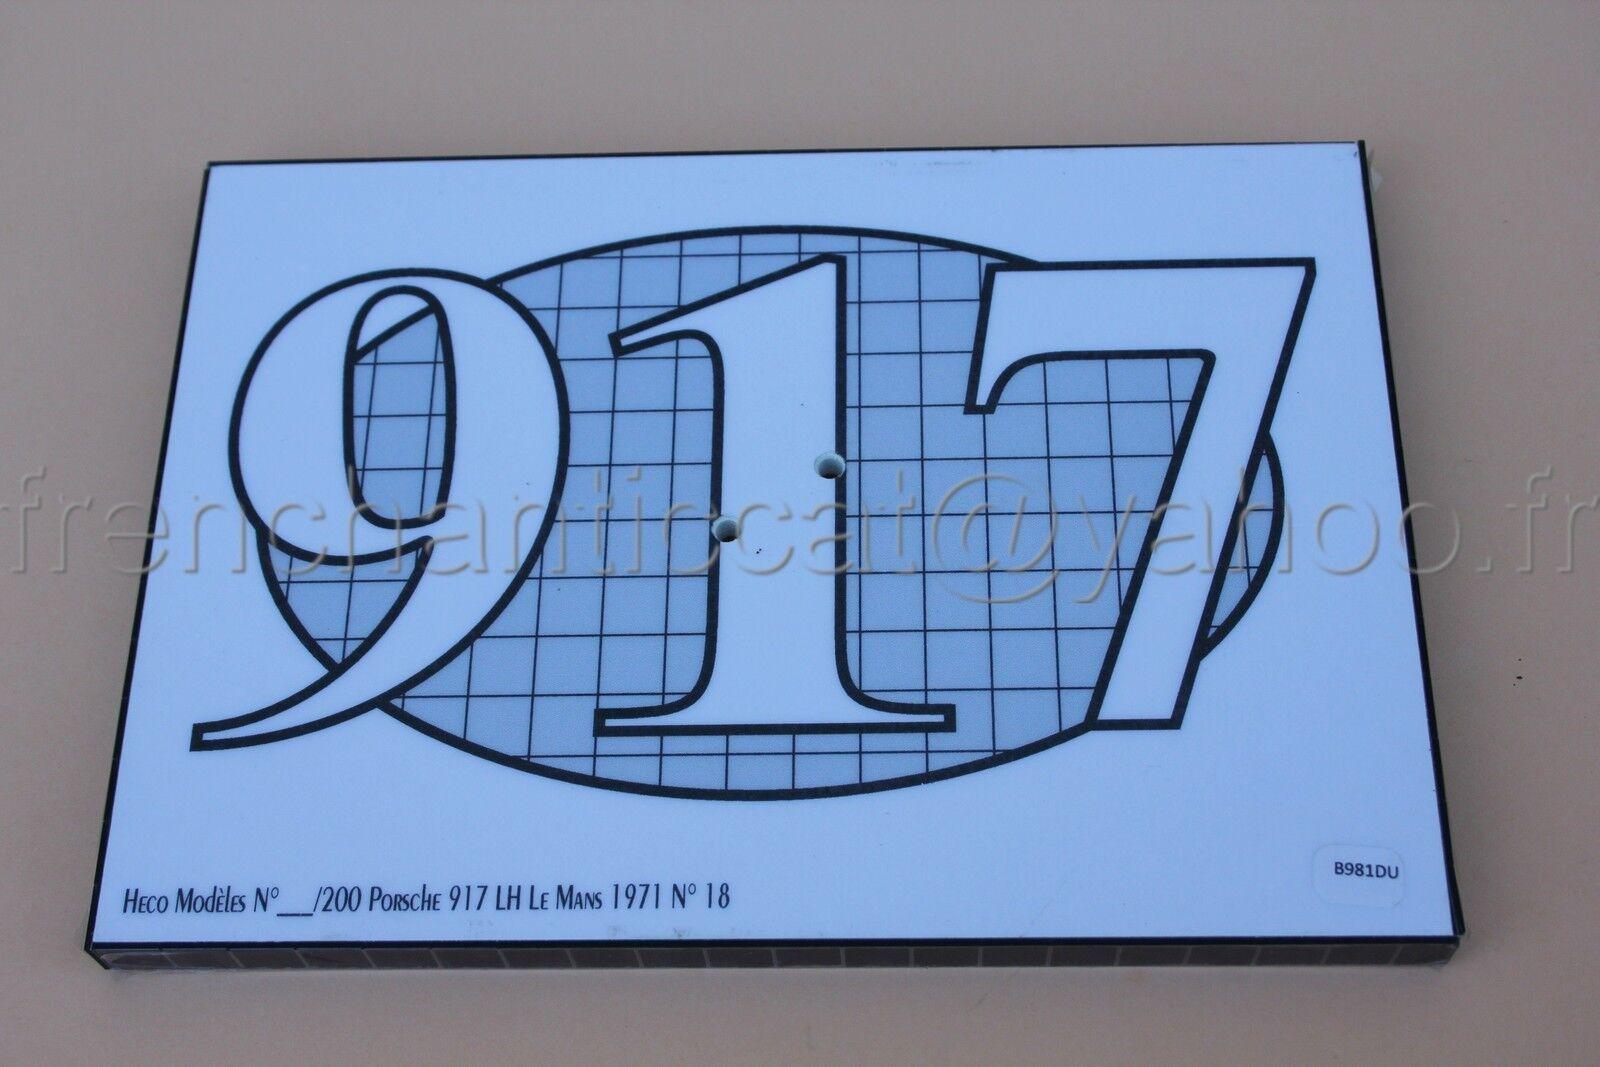 DU voiture 1 43 socle presentation Porsche 917 Le mans N°18 1971  heco modeles